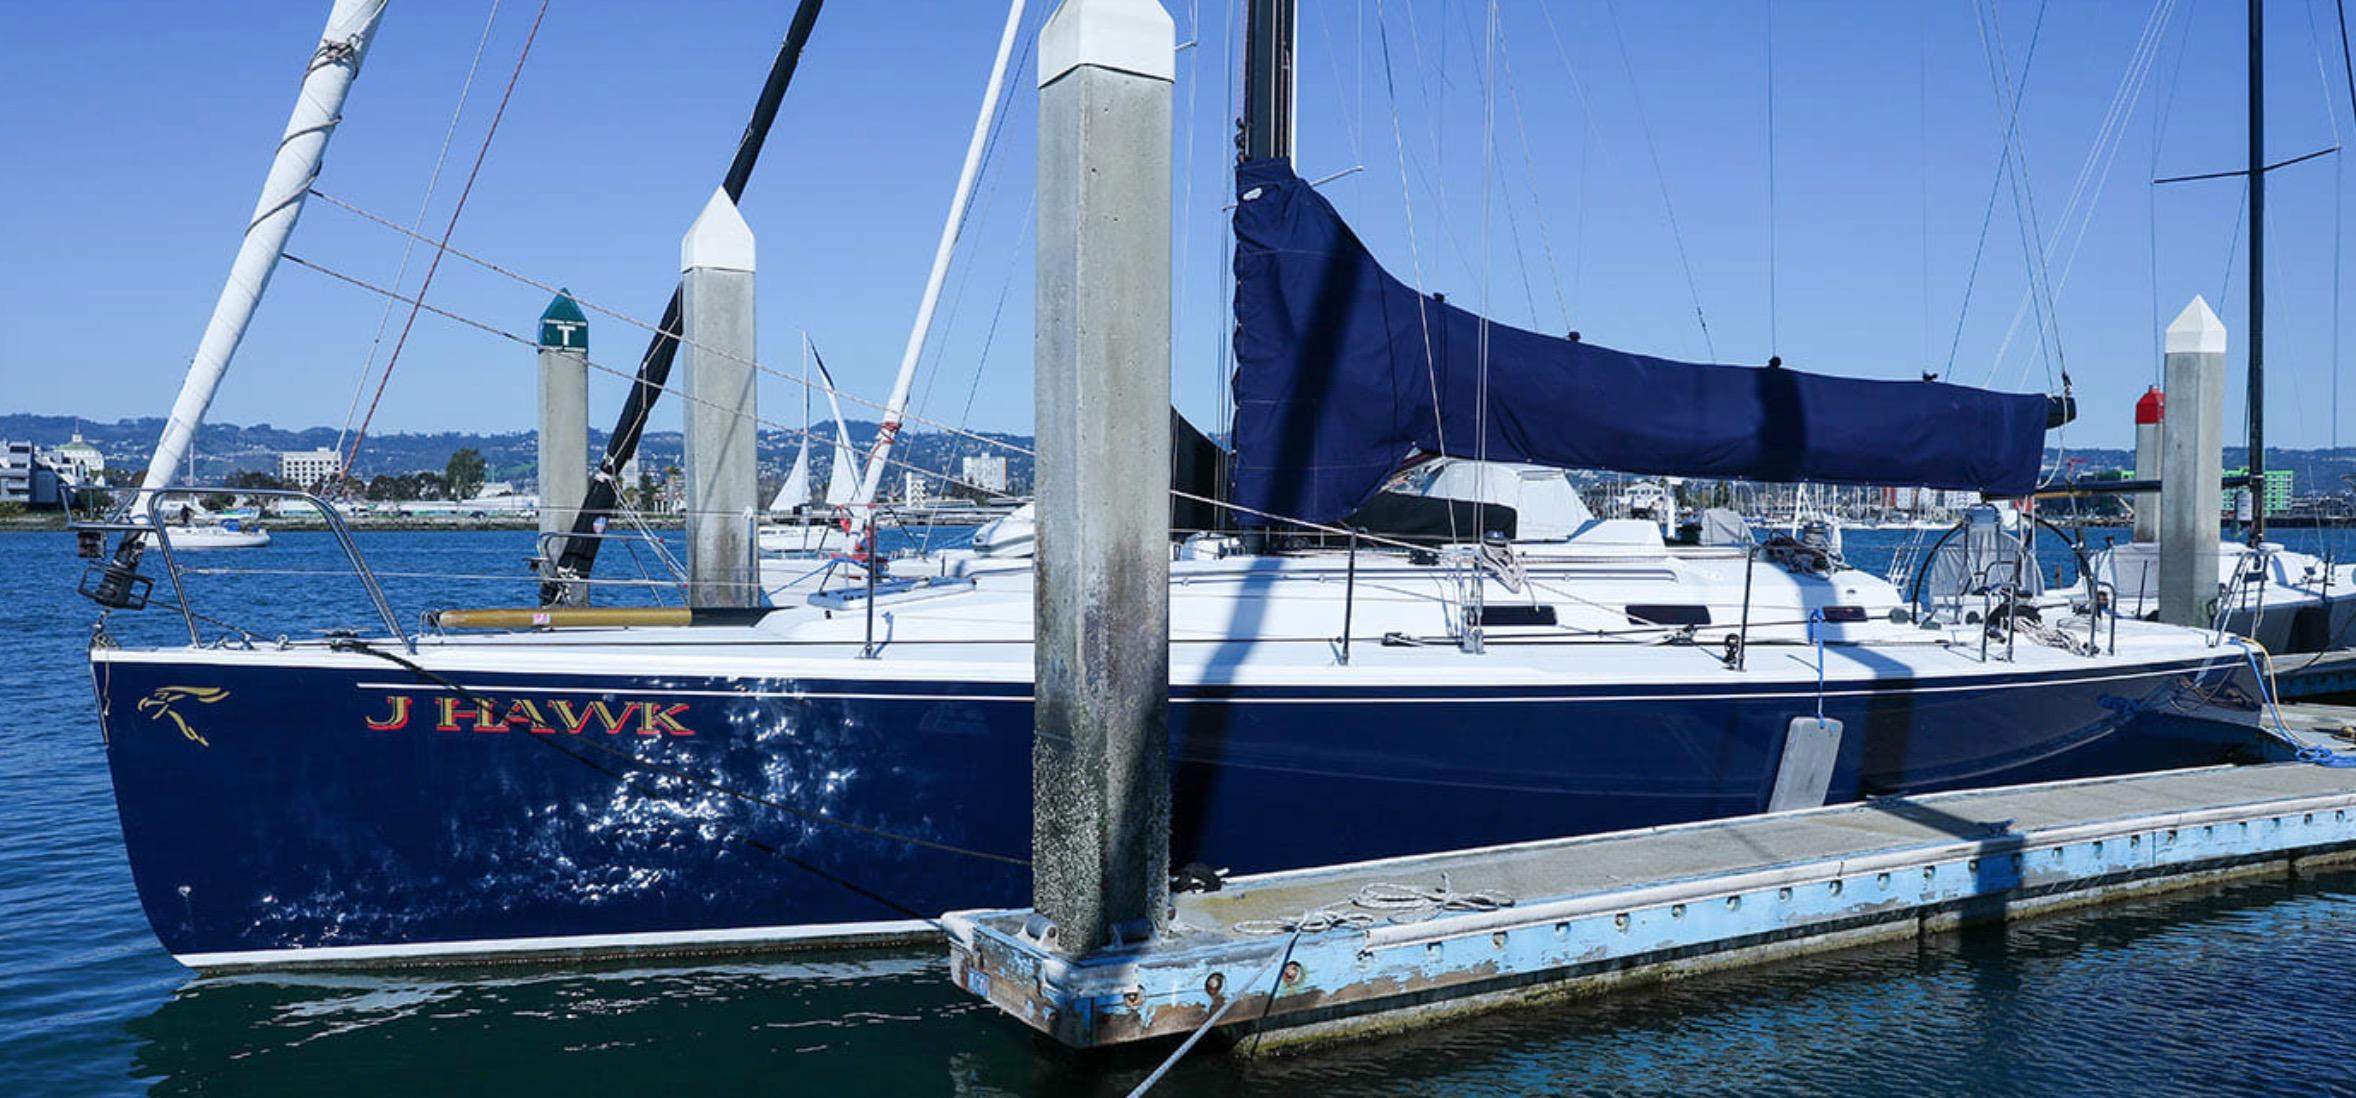 J/133 brokerage sailboat for sale